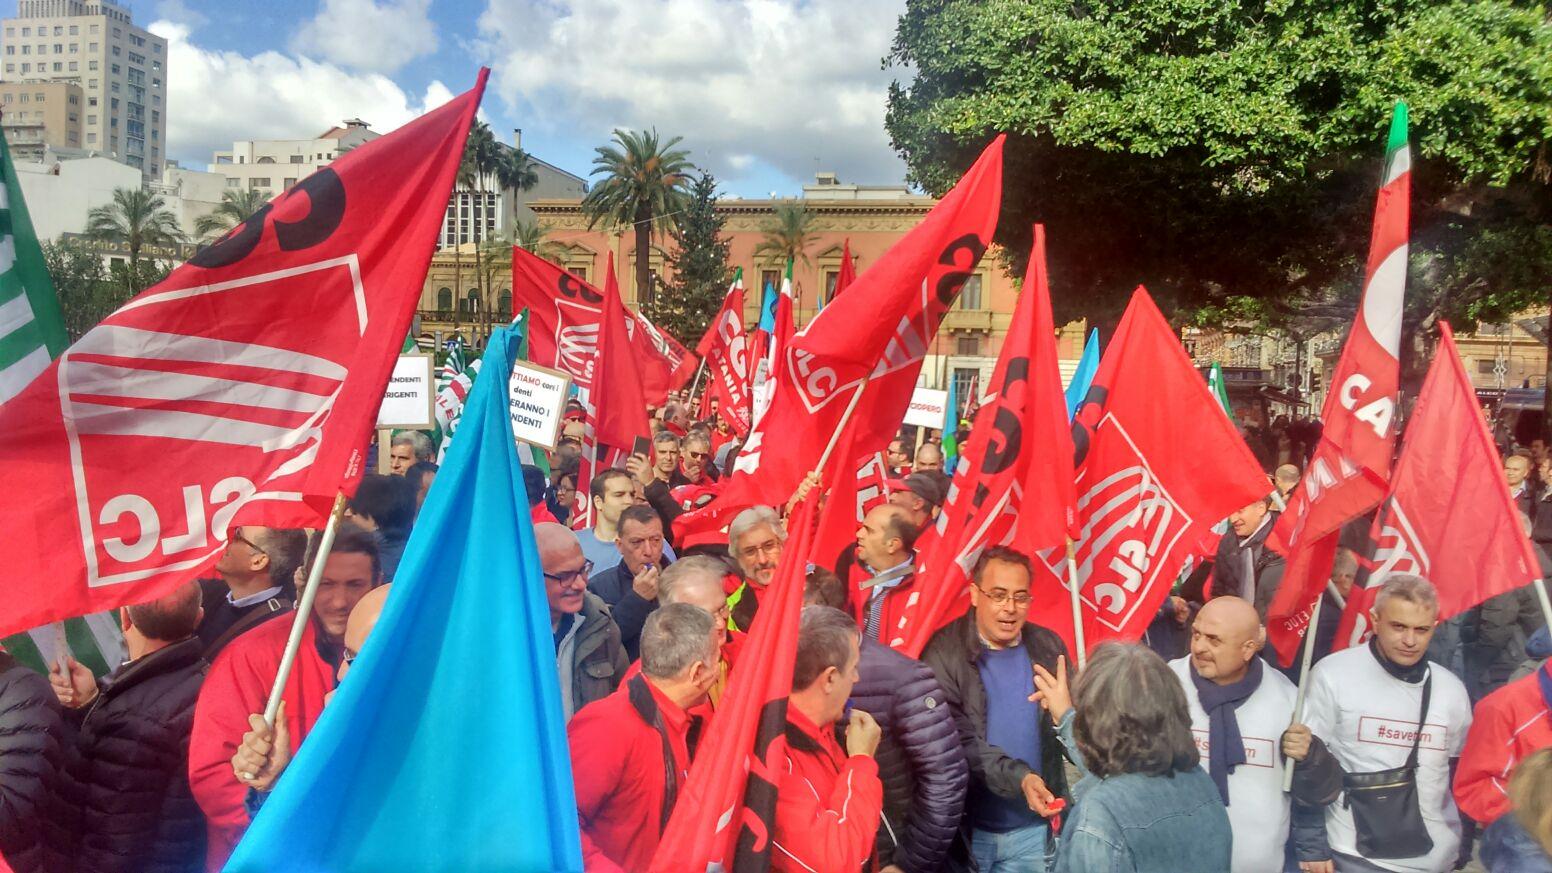 Tim, Manifestazione A Palermo Contro I Tagli